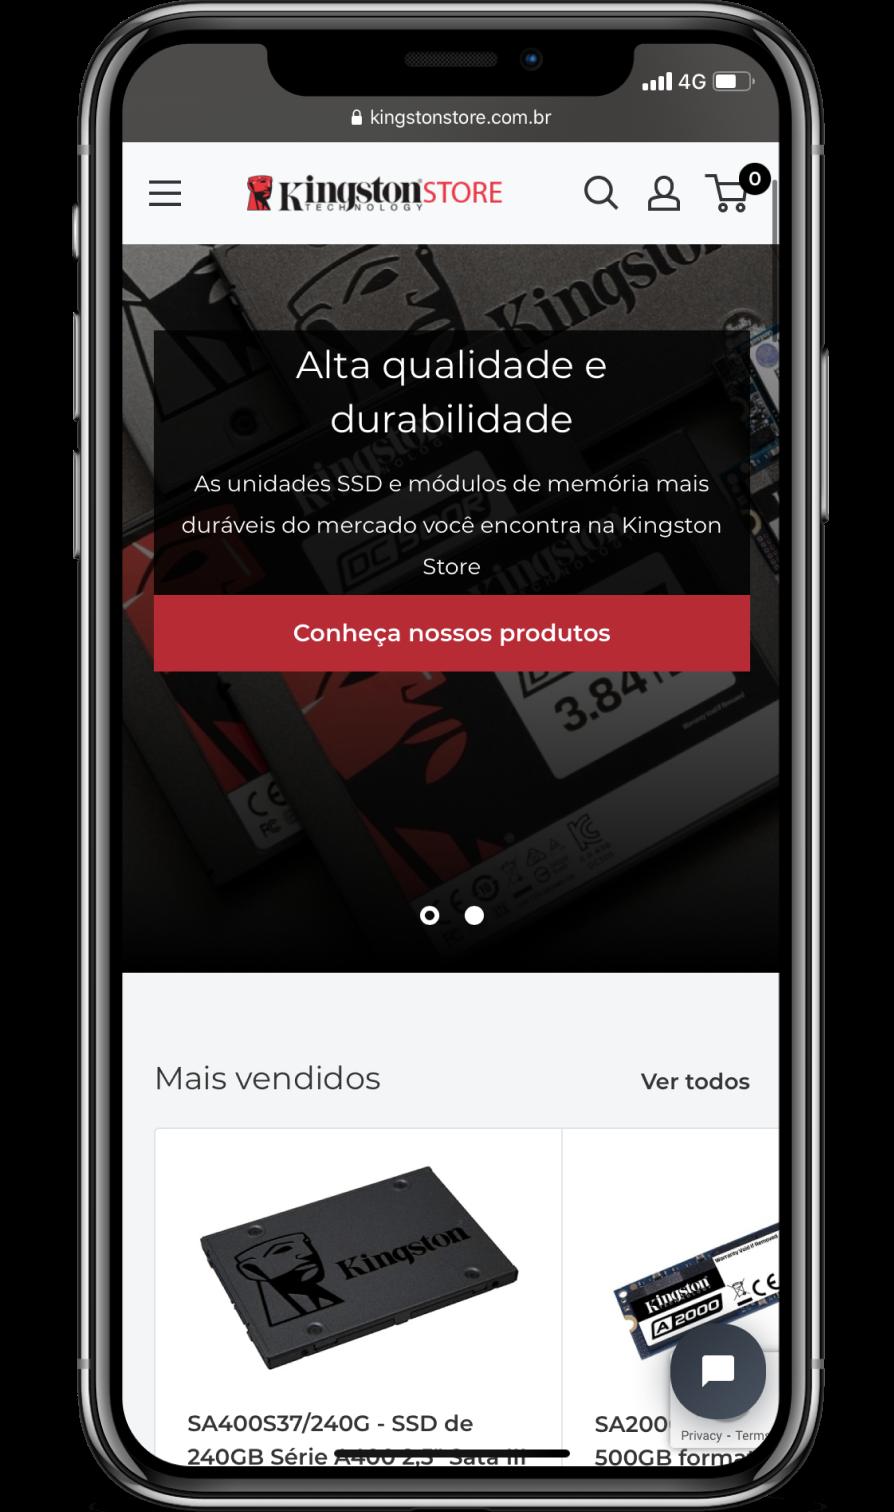 kingstonstore.com.br